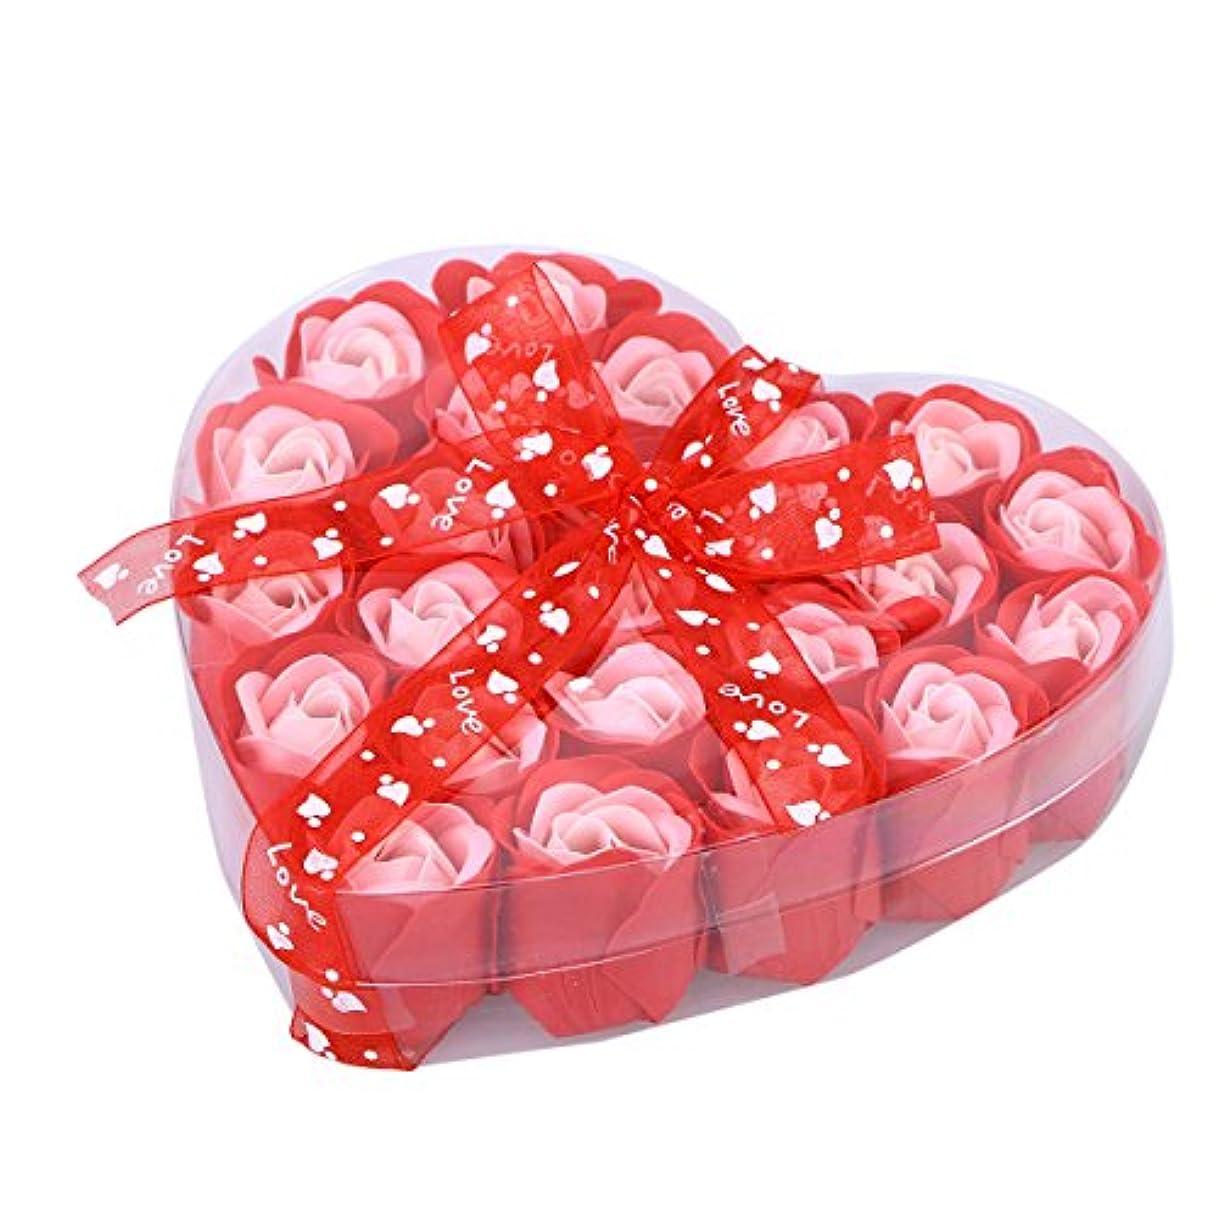 原子リスク袋HEALLILY ローズソープフラワー手作りローズ香り風呂石鹸花びら用ハートボックス友人用家族の贈り物24枚(ランダムリボン)